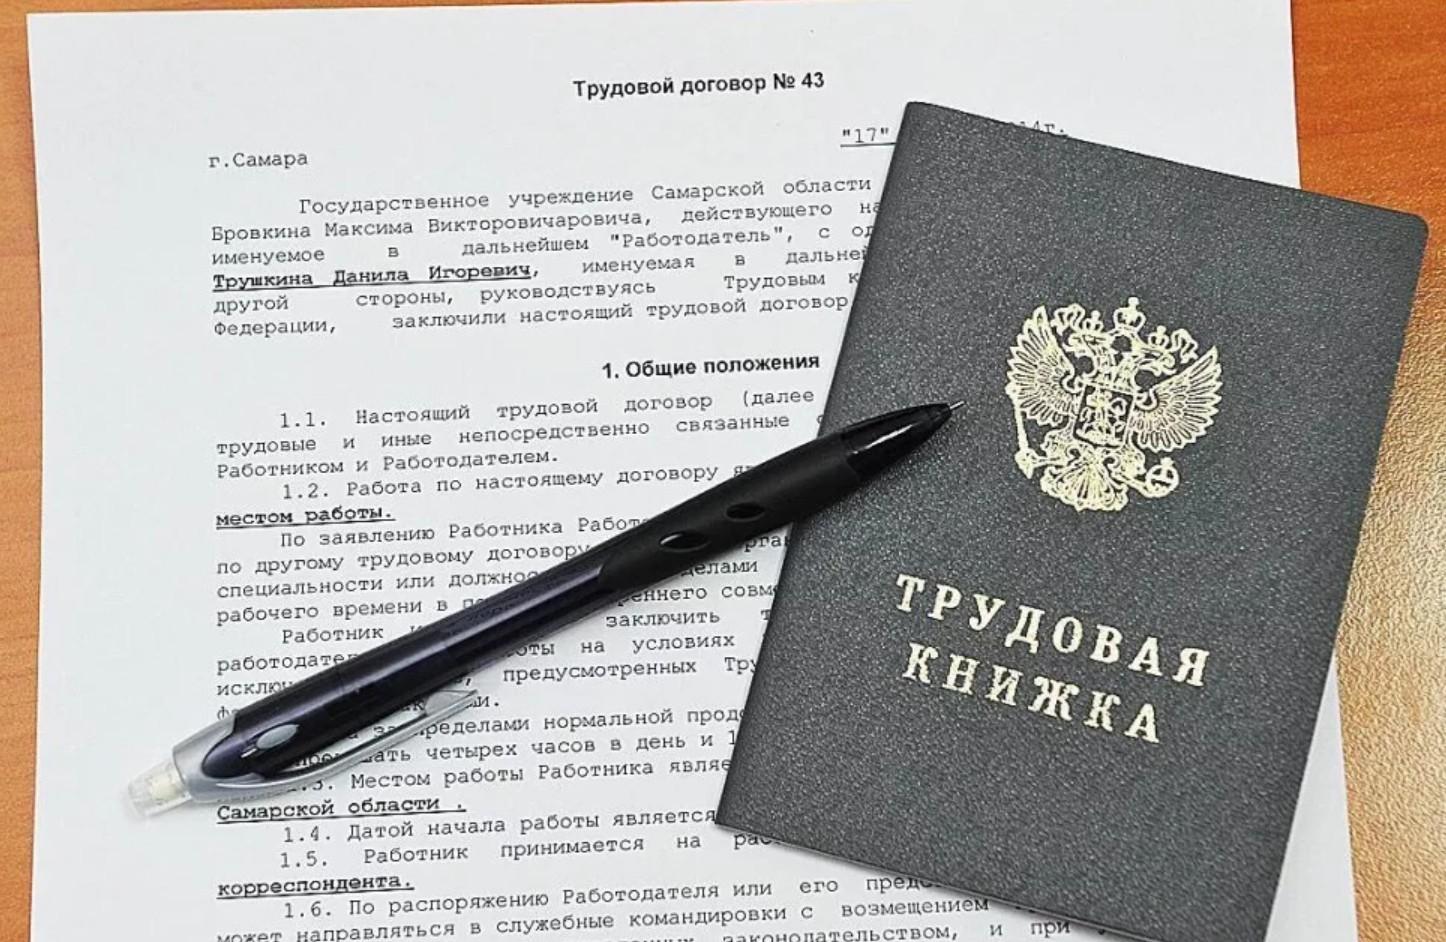 Как и кем можно устроиться в прокуратуру города Волгограда? Рассказываем о кадровом резерве.